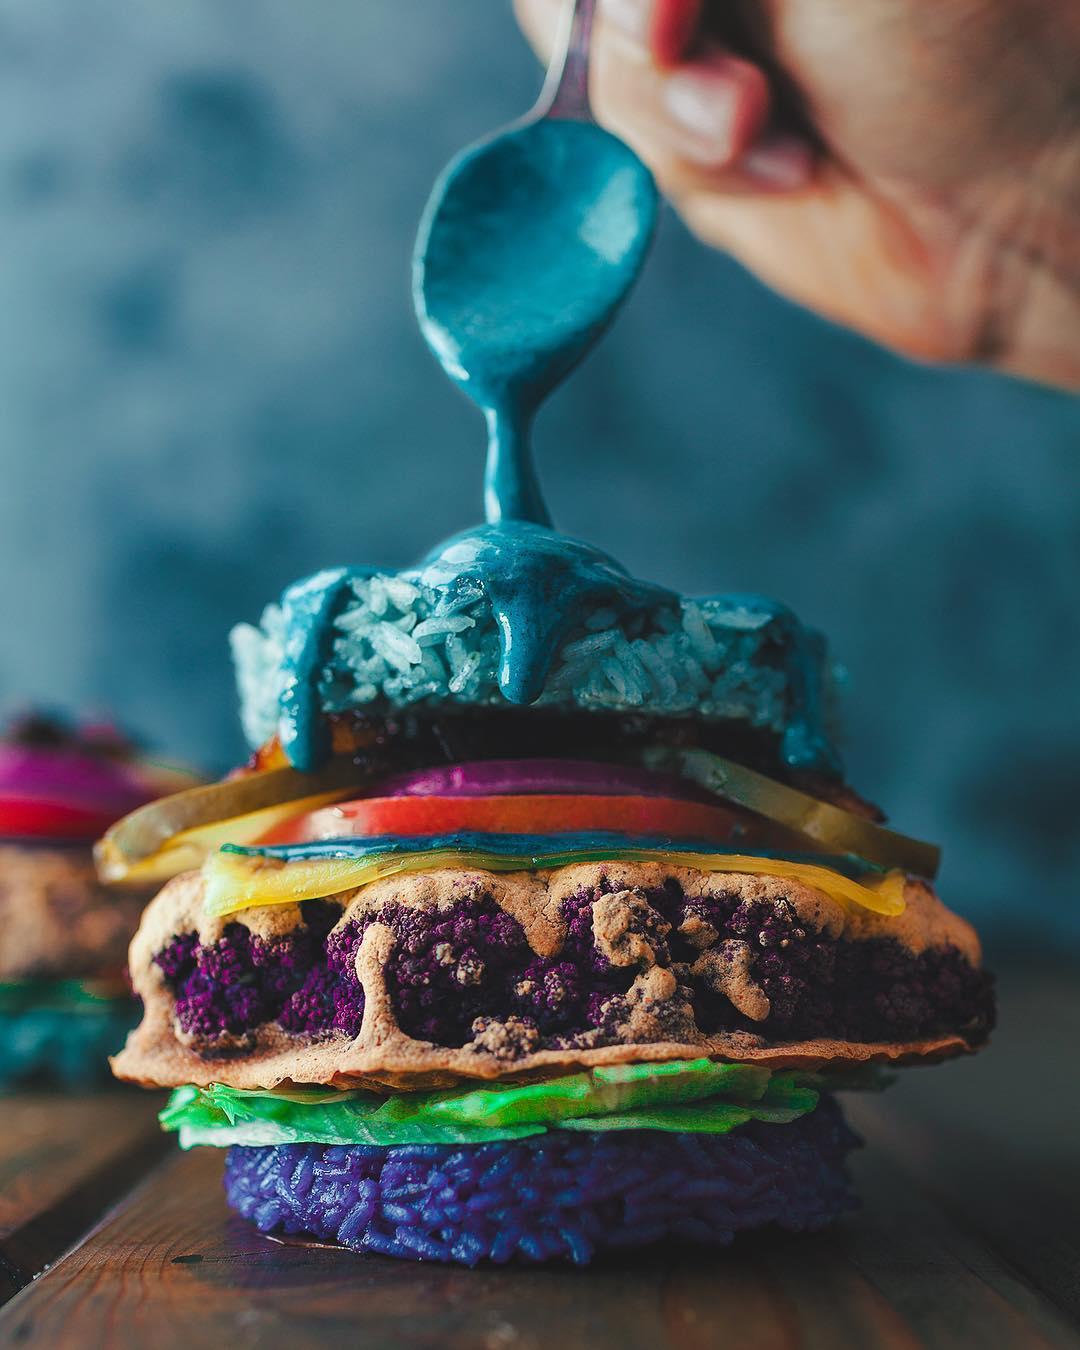 20張「獨角獸系美食」而且很健康 「彩虹色漢堡」美到不科學!